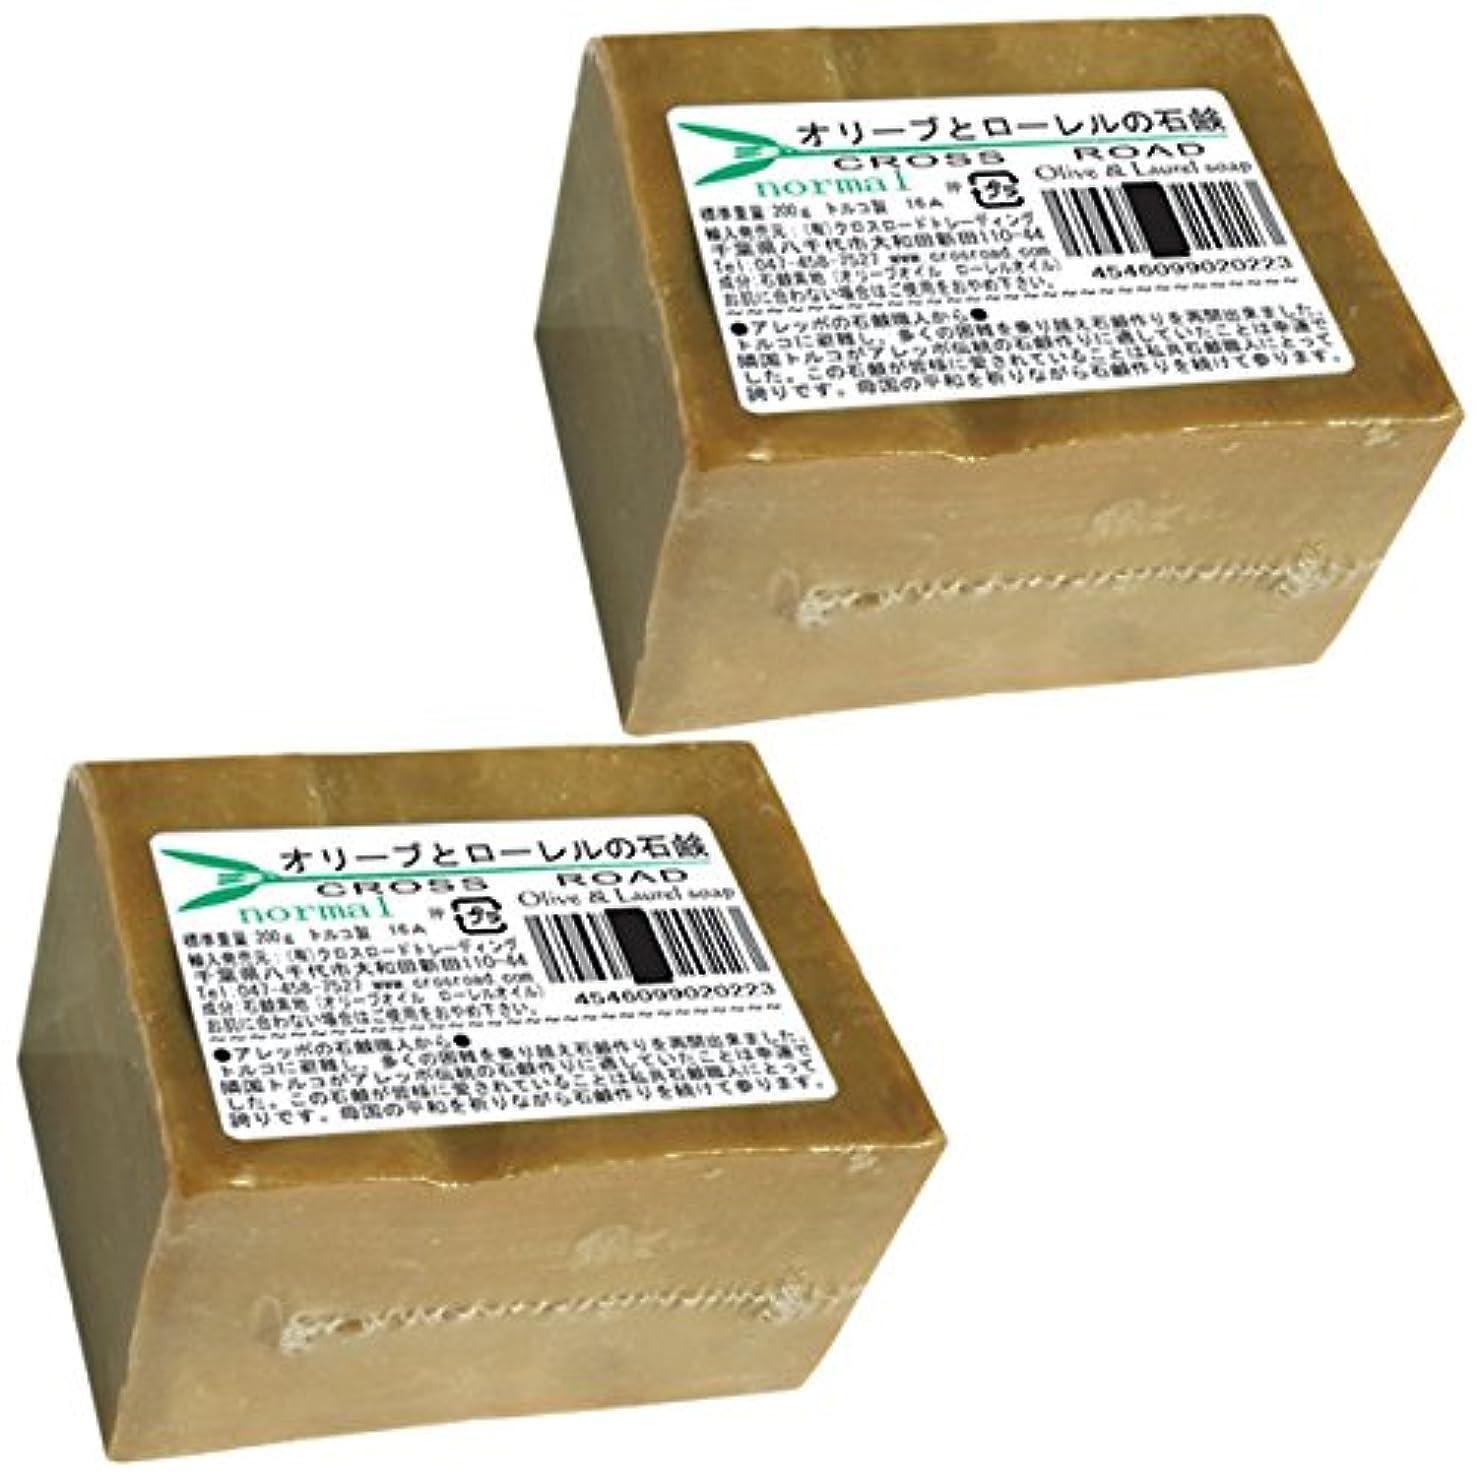 慢賠償回るオリーブとローレルの石鹸(ノーマル)2個セット[並行輸入品]